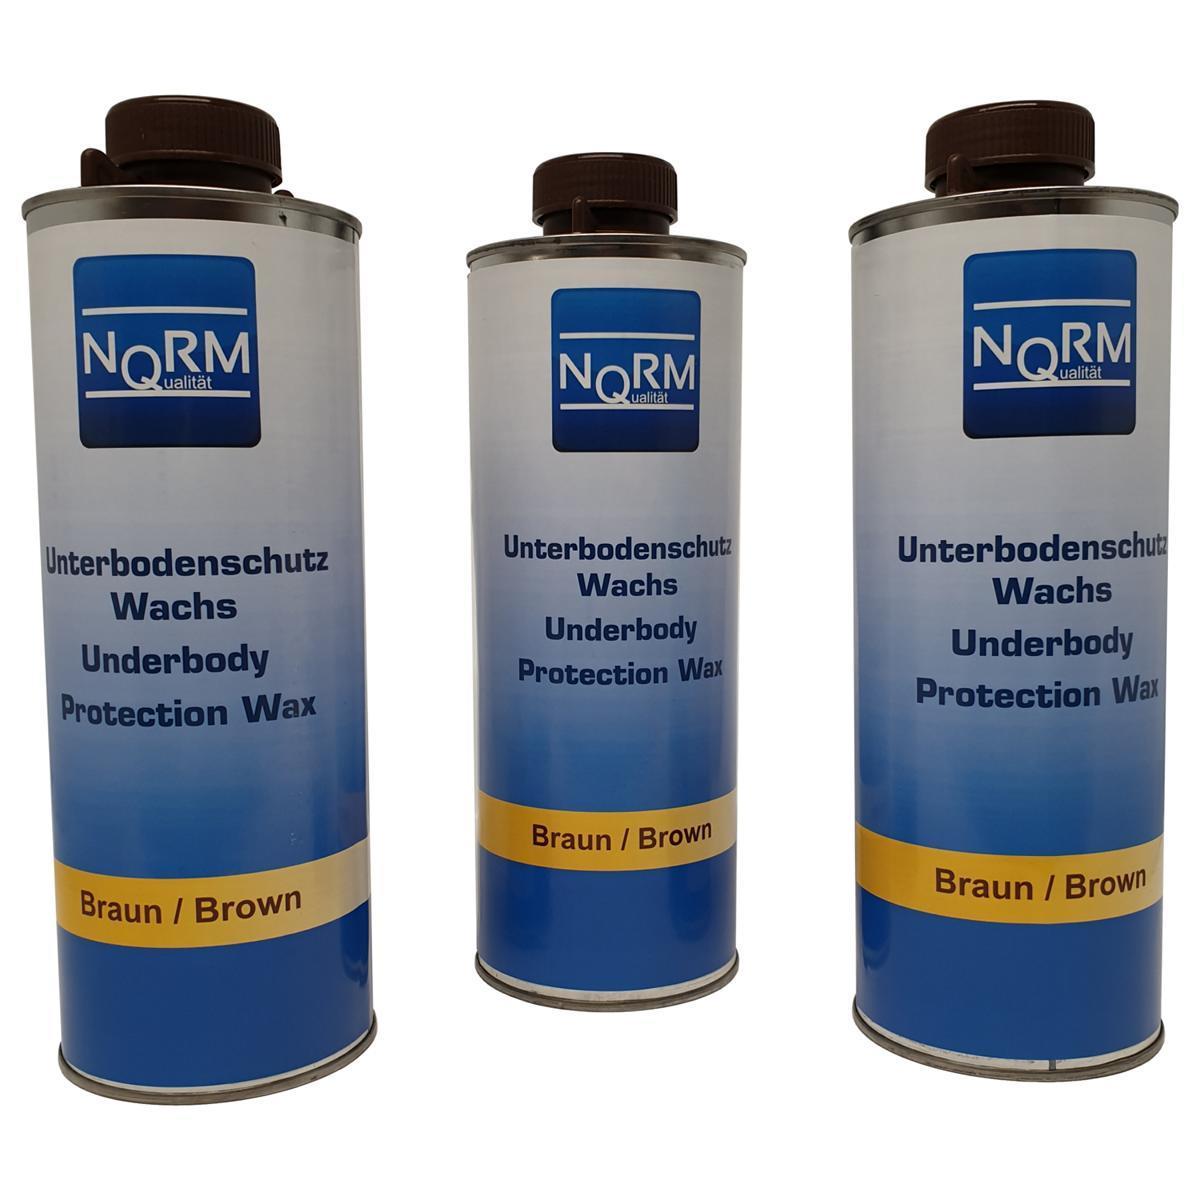 Unterbodenschutzwachs UBS Wax für Unterboden 3x 1Liter Korrsionsschutz Braun